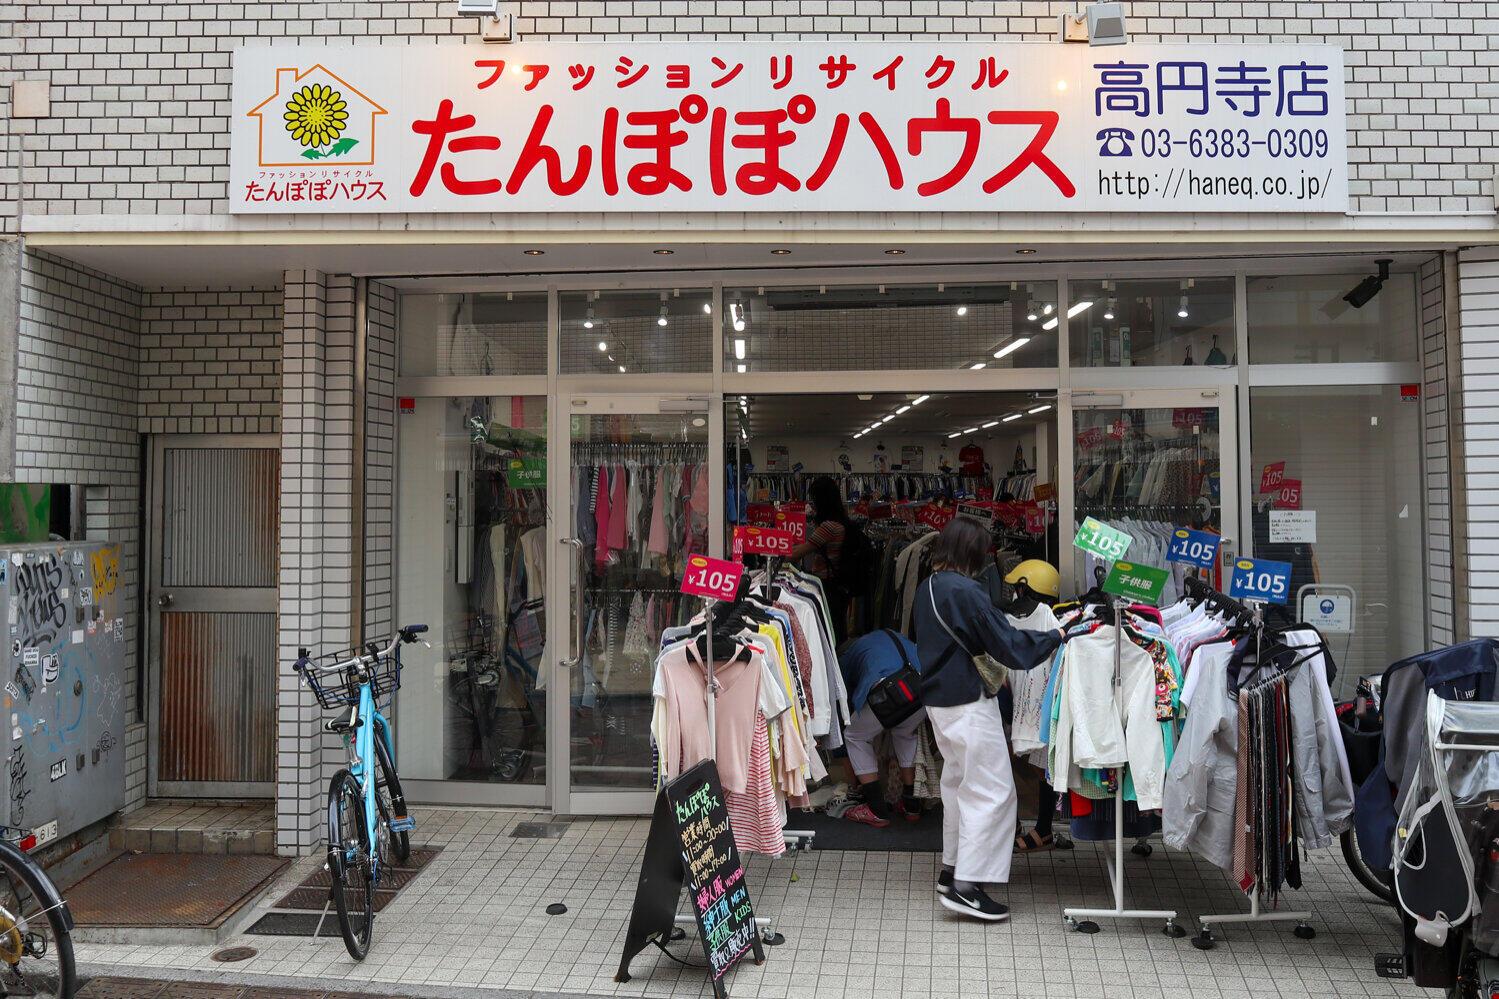 たんぽぽハウス高円寺店の外観